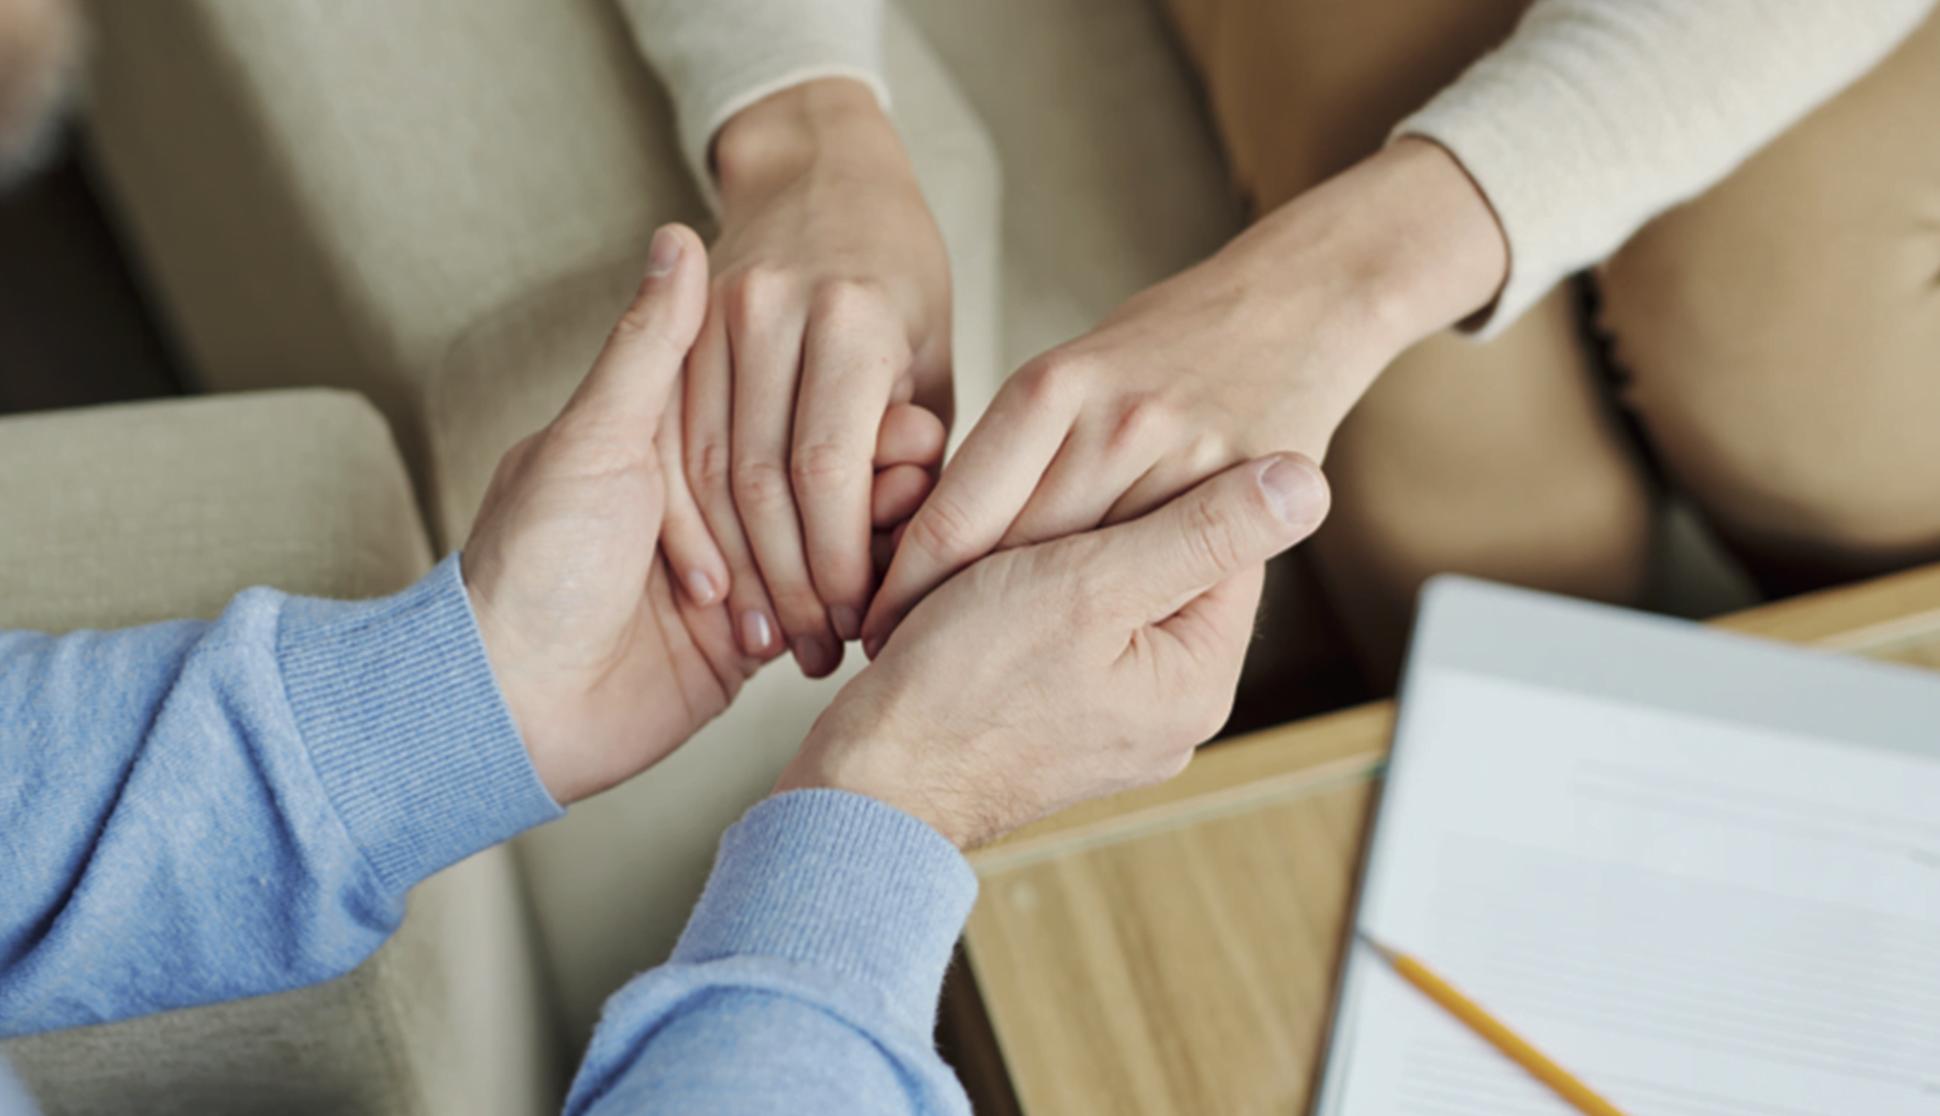 Relazione medico-paziente: la prima regola per una buona comunicazione è l'ascolto